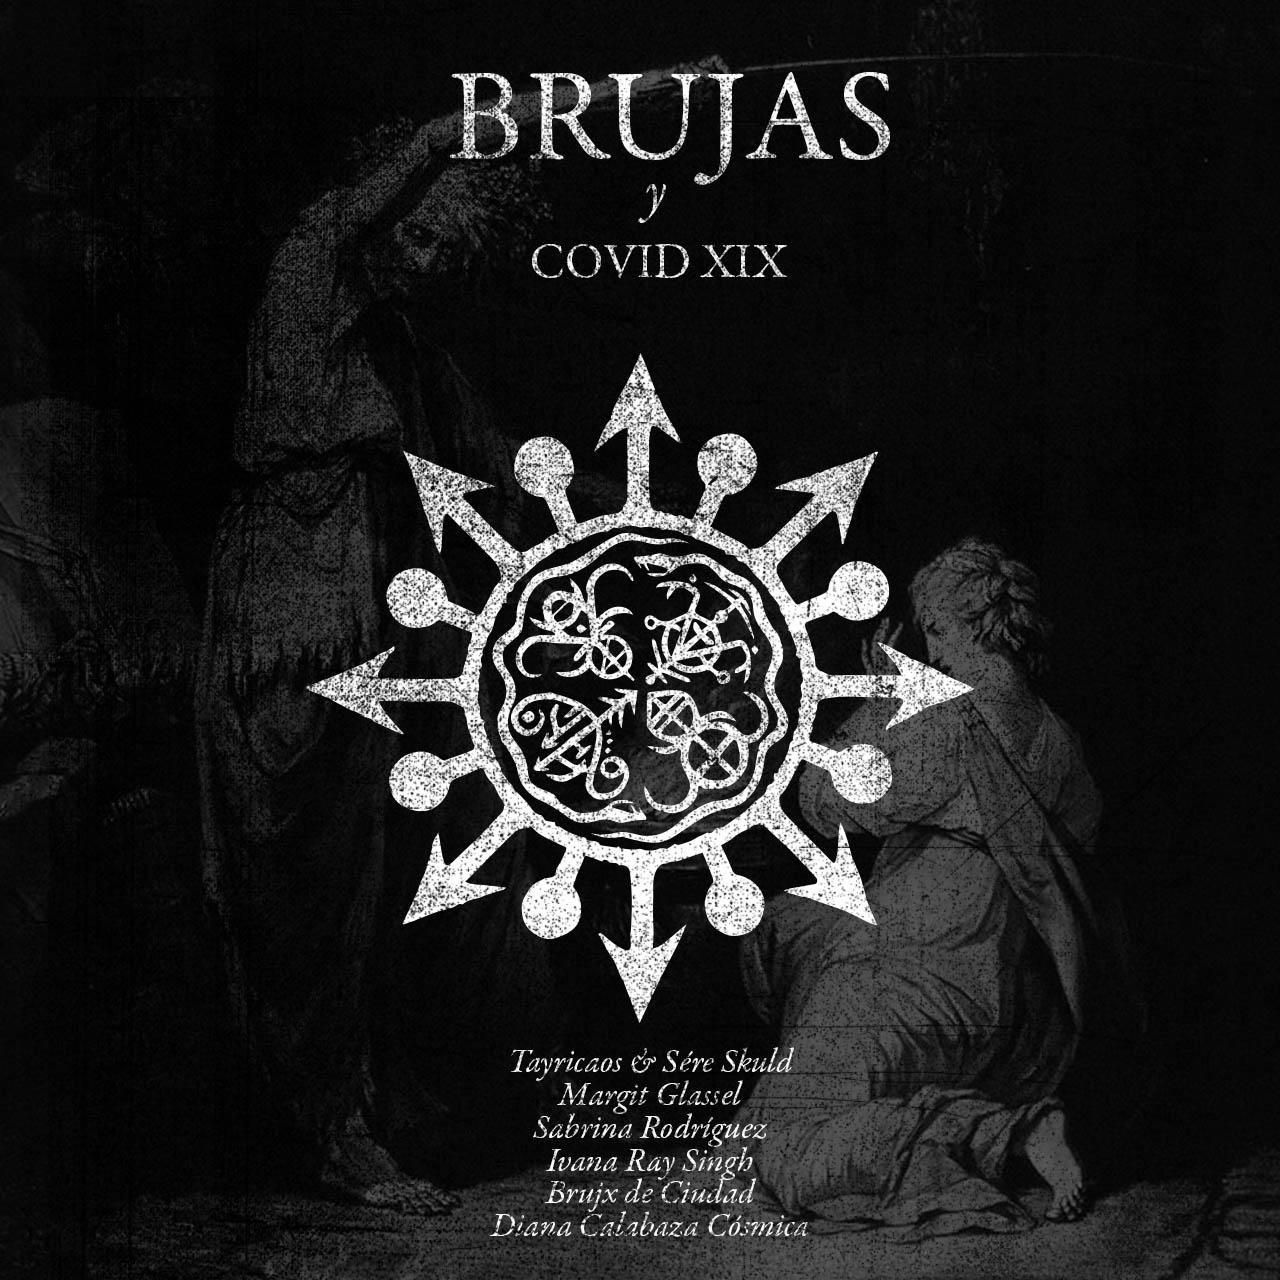 Brujas y Covid XIX